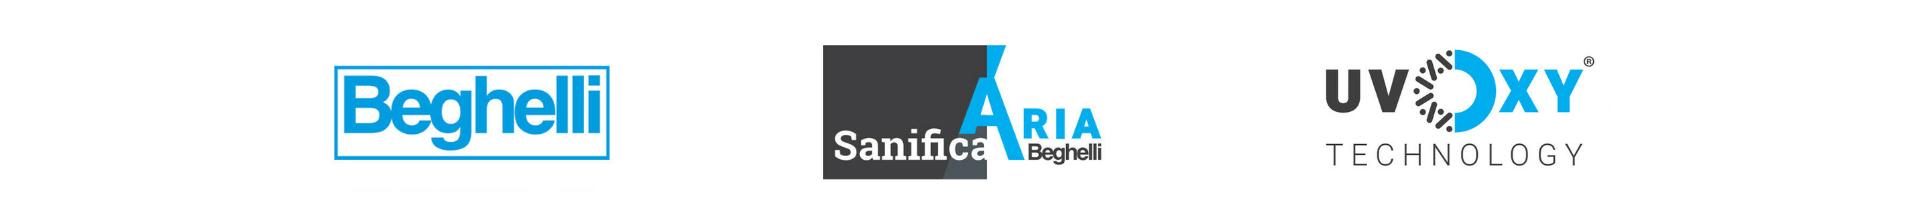 Ново от Beghelli за въздух, чист от бактерии и вируси (4)